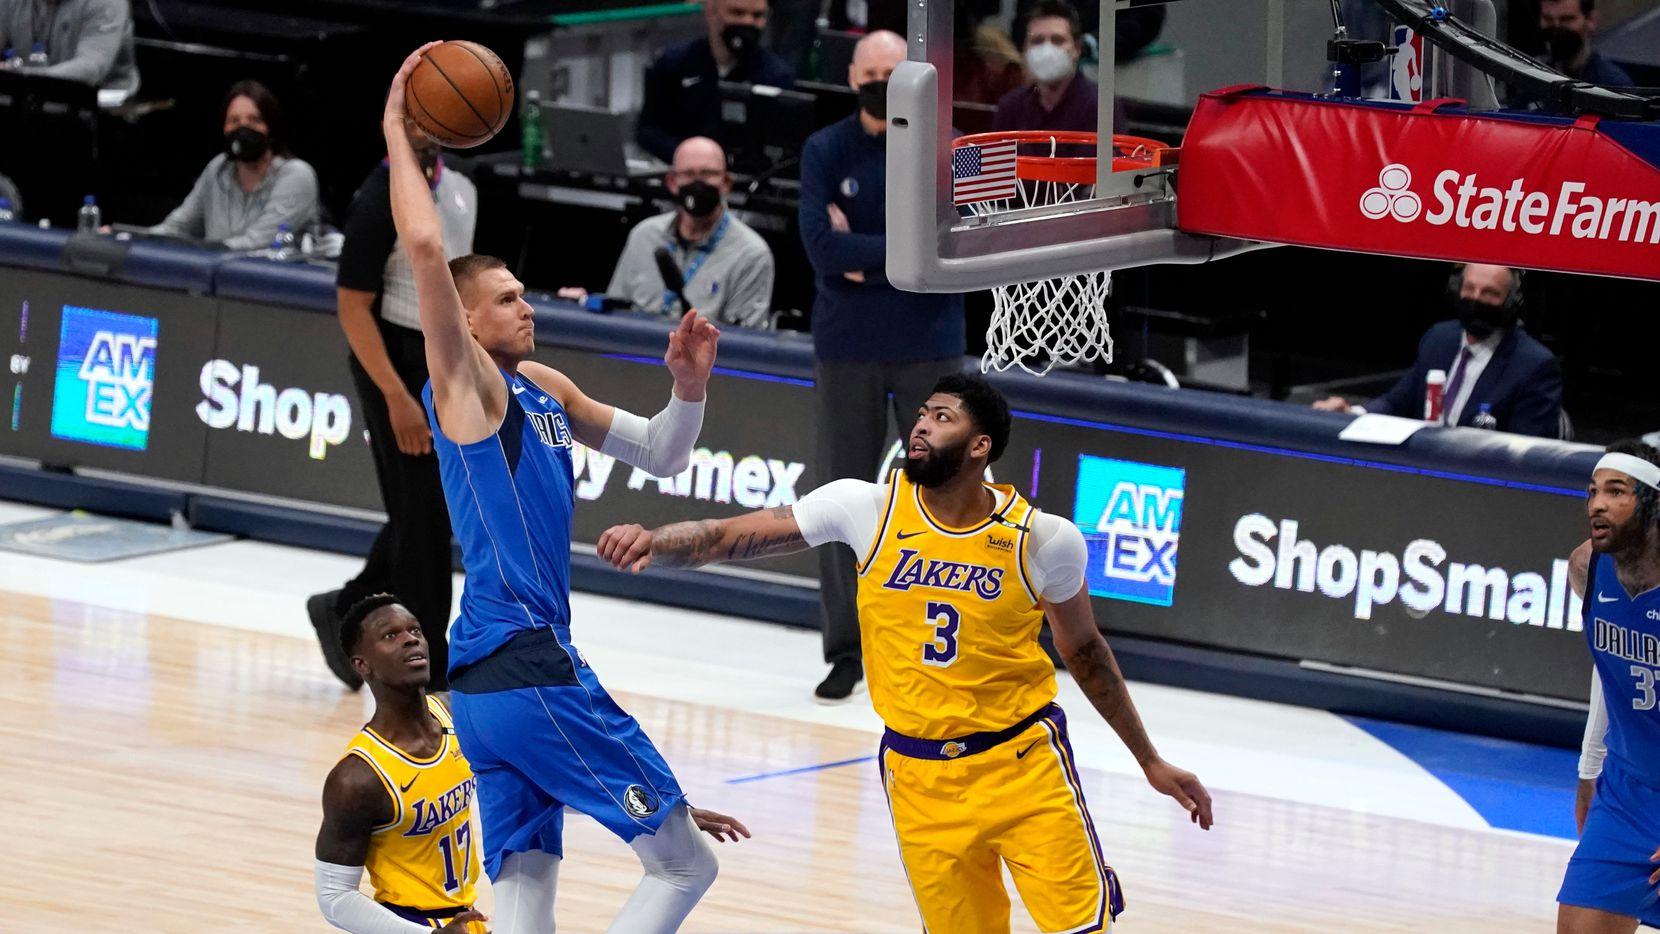 El jugador de los Mavericks de Dallas, Kristaps Porzingis, encesta en el juego ante los Lakers de Los Ángeles, el 22 de abril de 2021 en el American Airlines Center de Dallas.